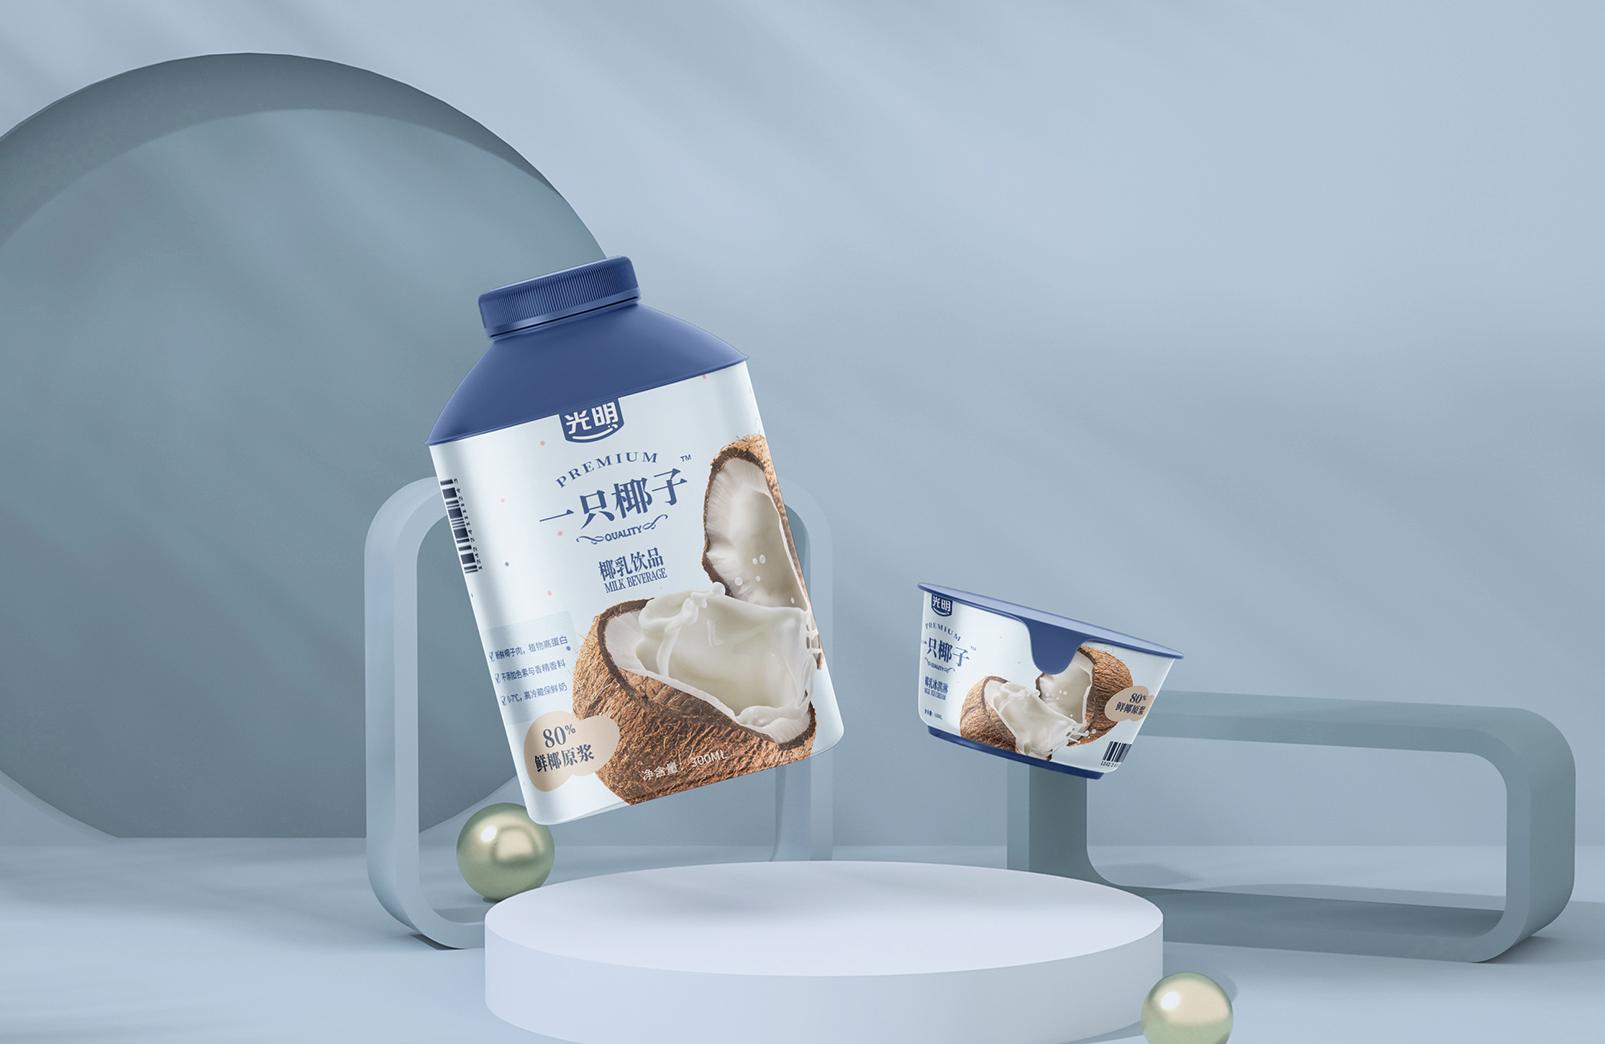 光明一只椰子-食品包装设计-达岸品牌营销咨询